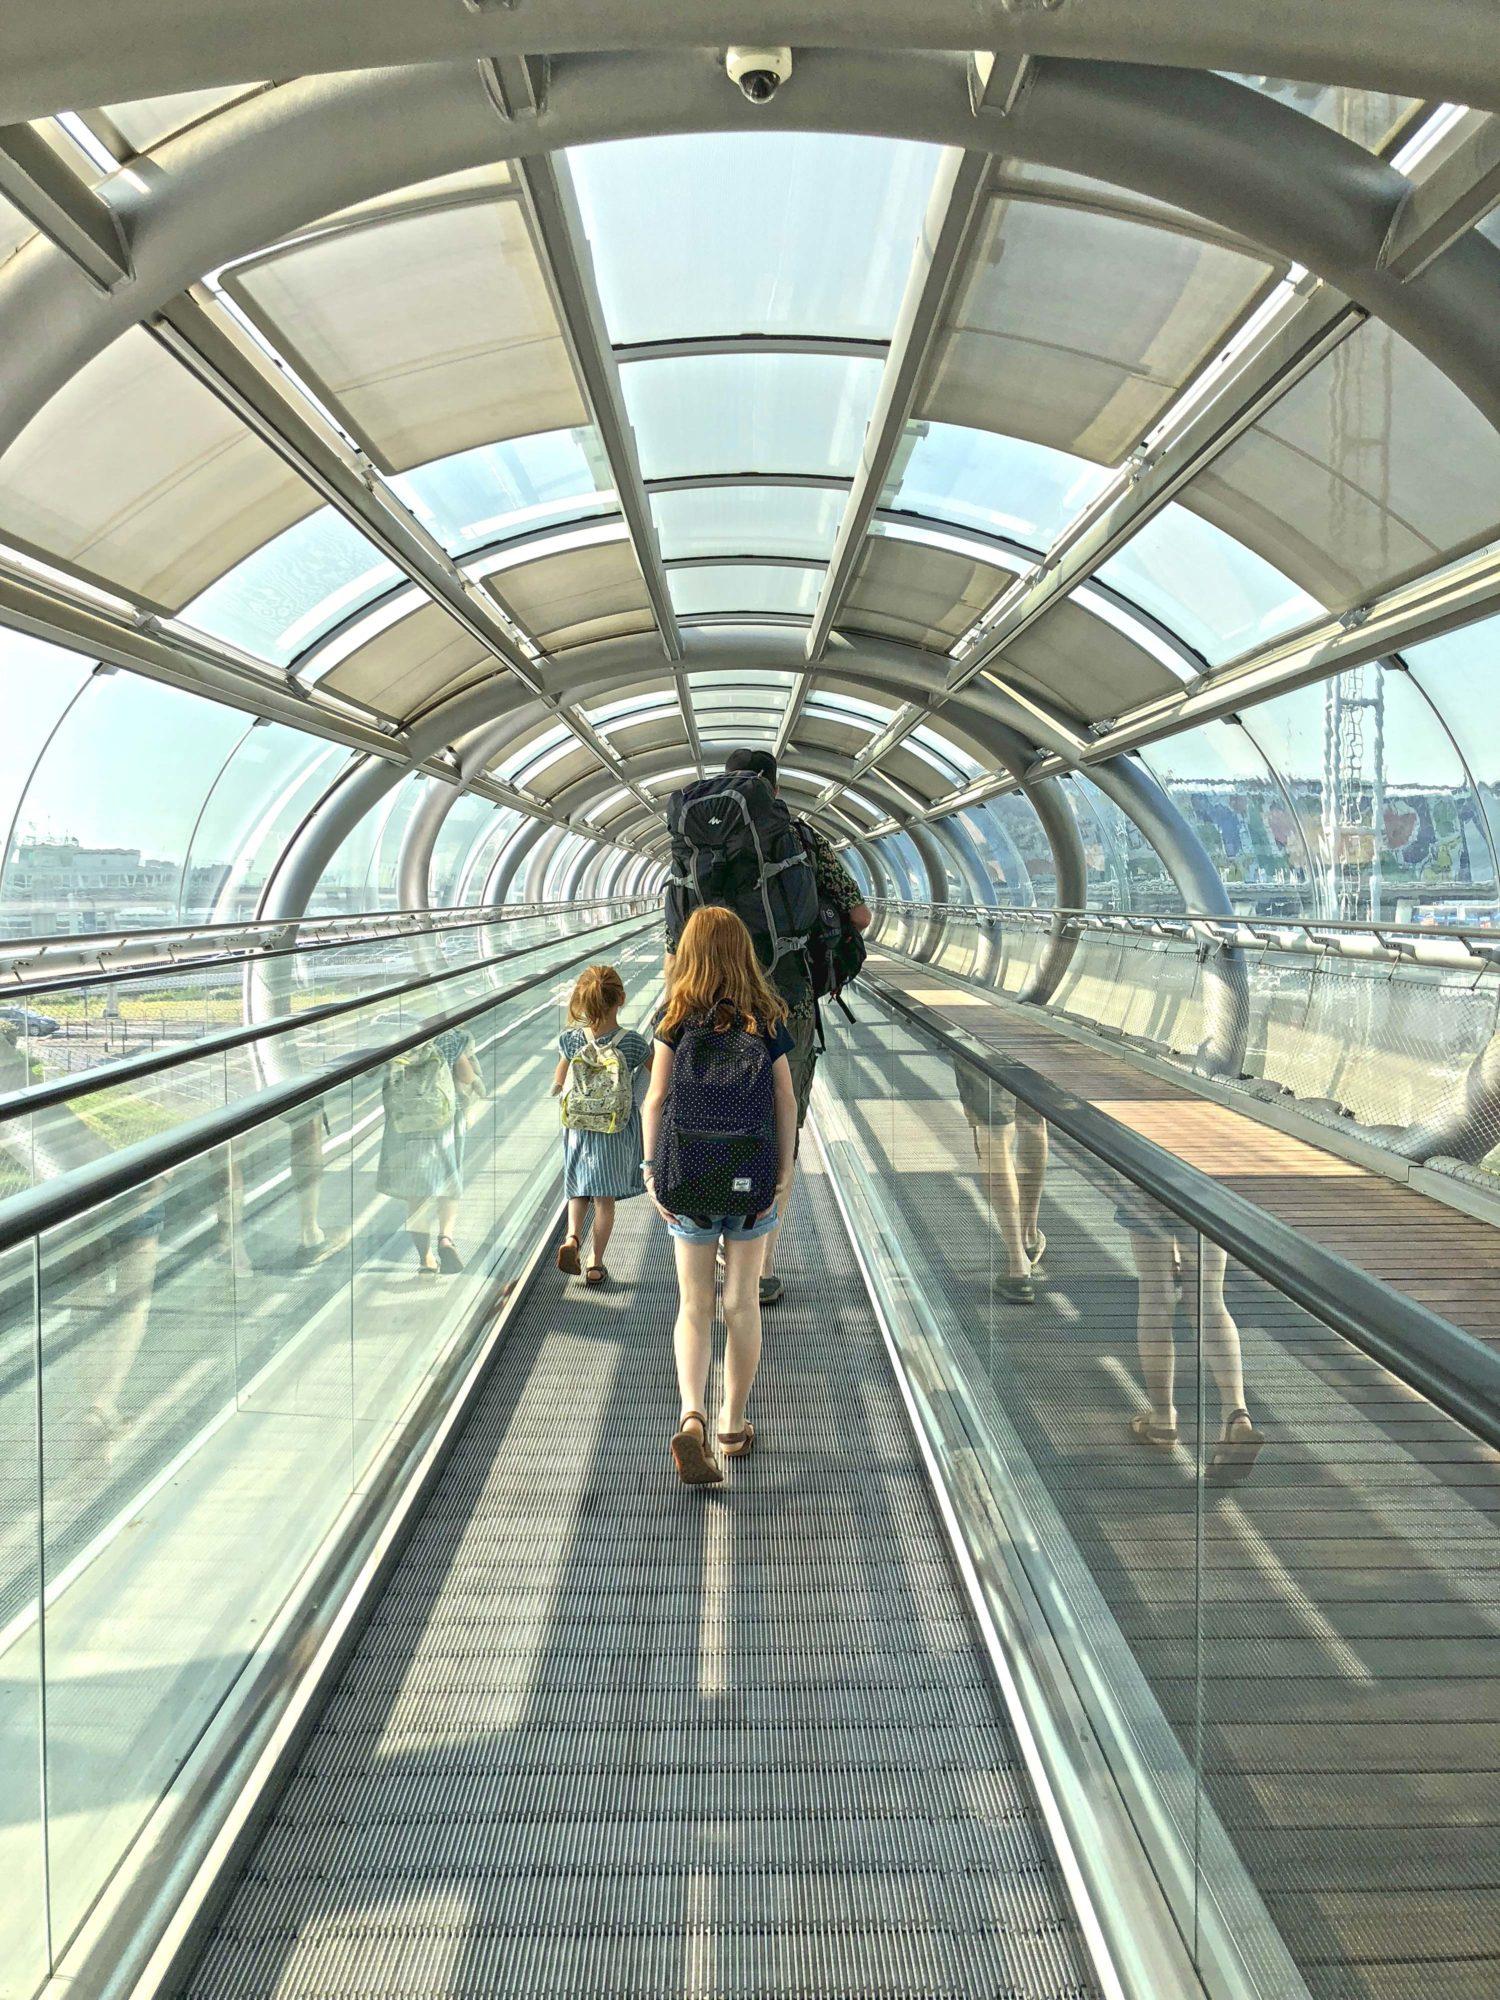 Réserver billet d'avion moins cher : ici un départ depuis Orly